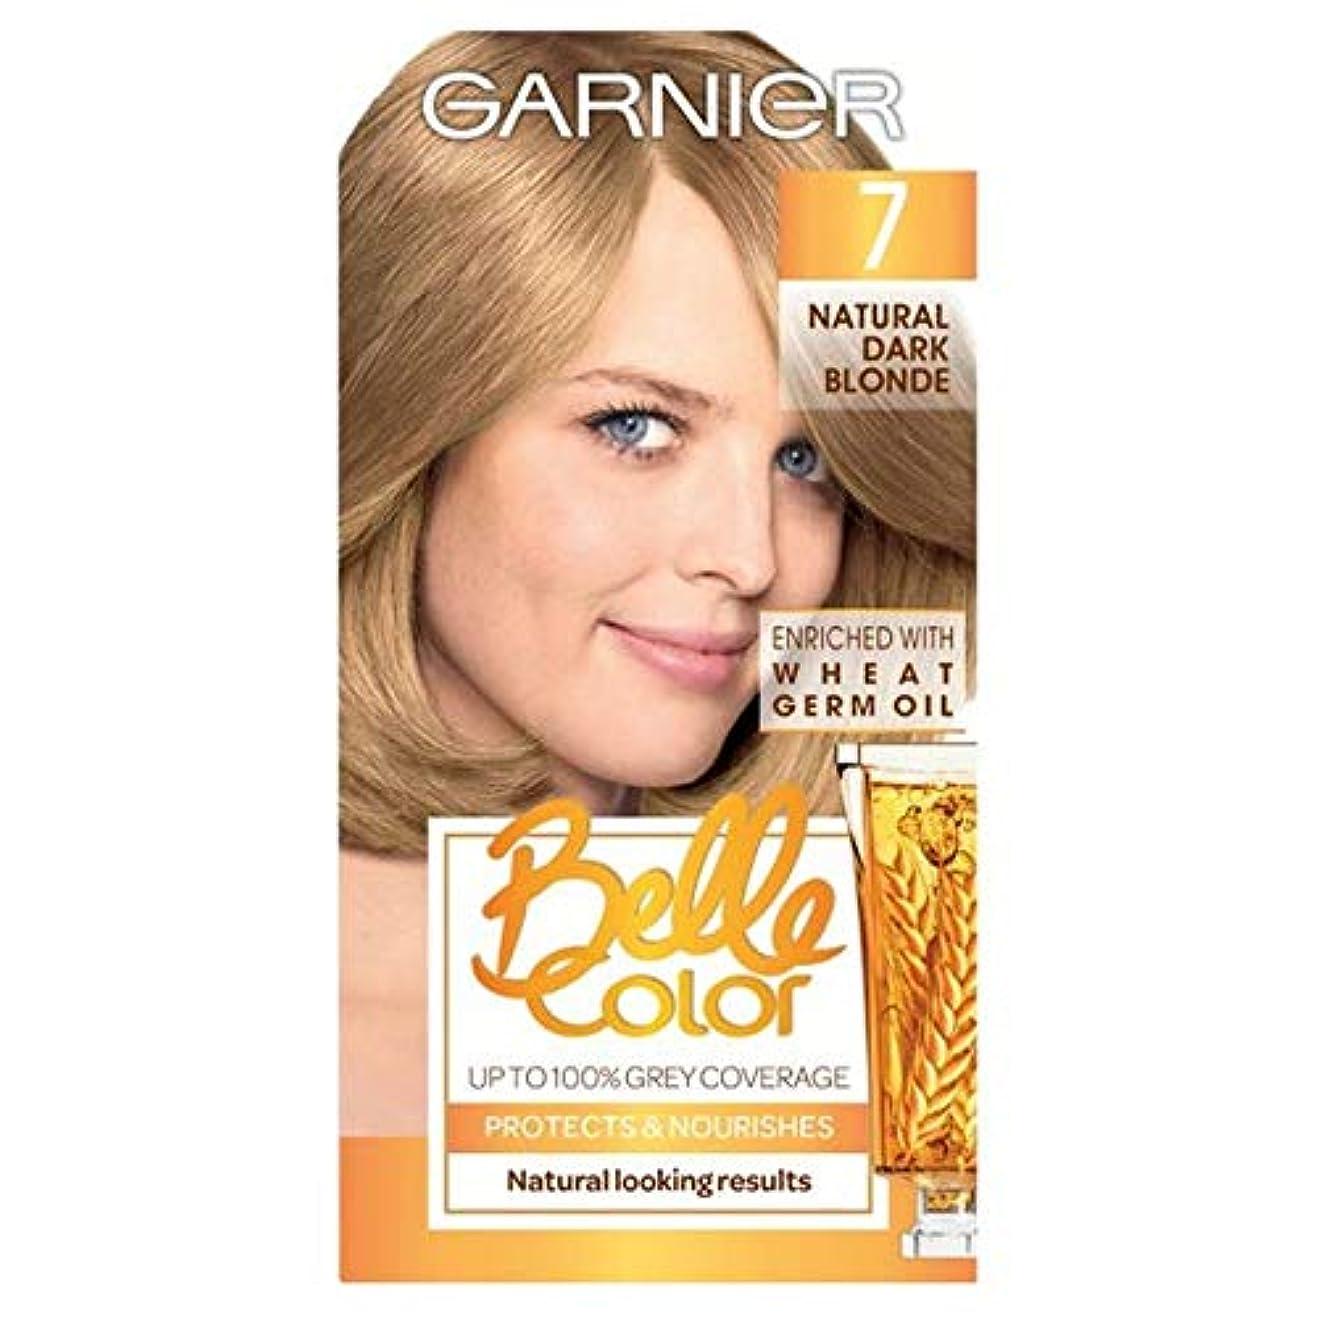 襲撃条件付きシーフード[Belle Color ] ガーン/ベル/Clr 7ナチュラルダークブロンドパーマネントヘアダイ - Garn/Bel/Clr 7 Natural Dark Blonde Permanent Hair Dye [並行輸入品]